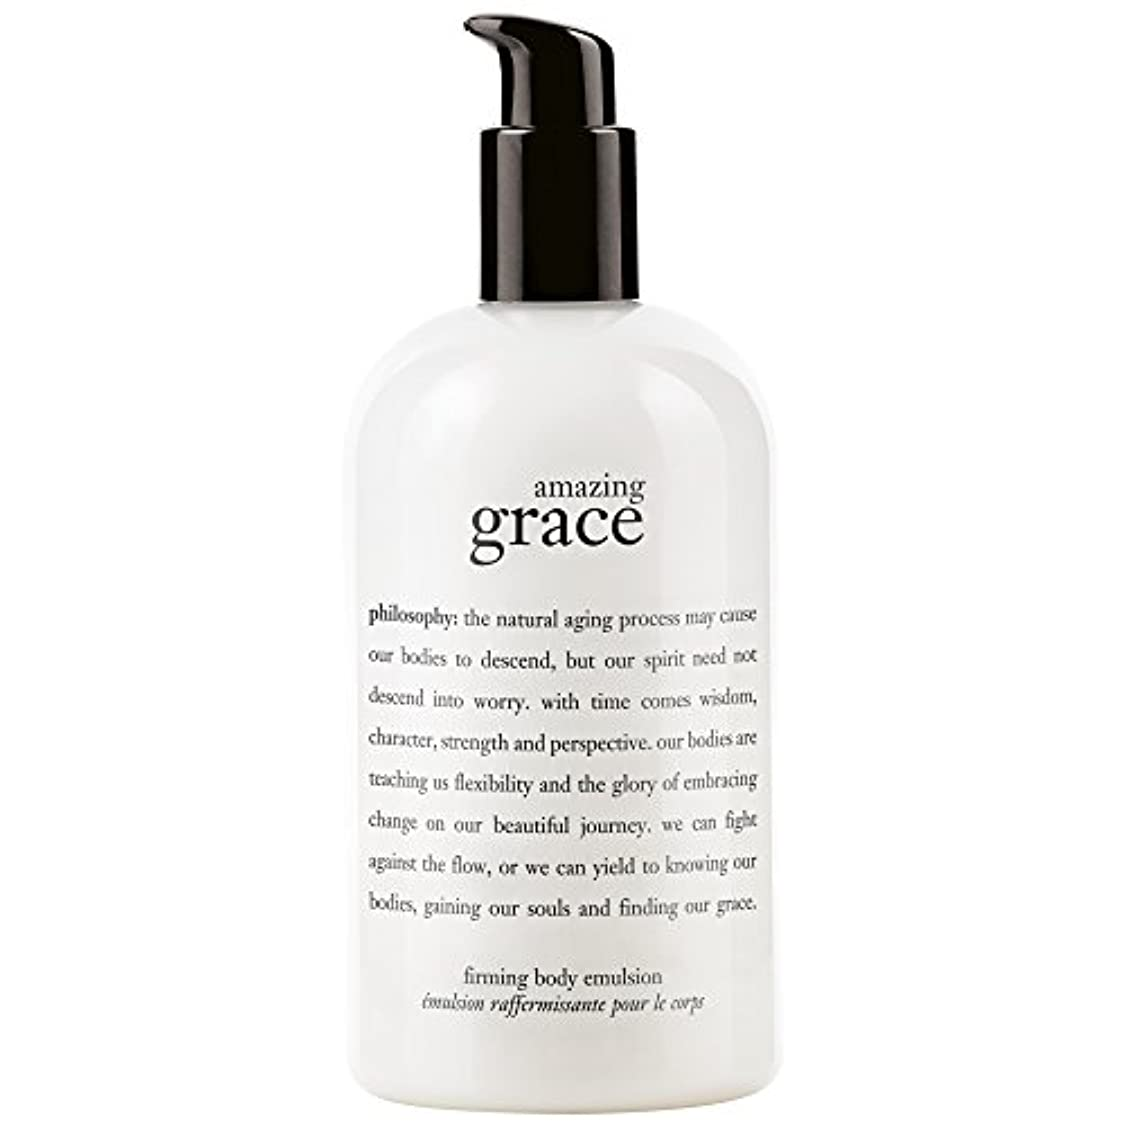 優越銅コンテンポラリー哲学驚くべき恵み引き締めボディエマルジョン480ミリリットル (Philosophy) (x2) - Philosophy Amazing Grace Firming Body Emulsion 480ml (Pack...